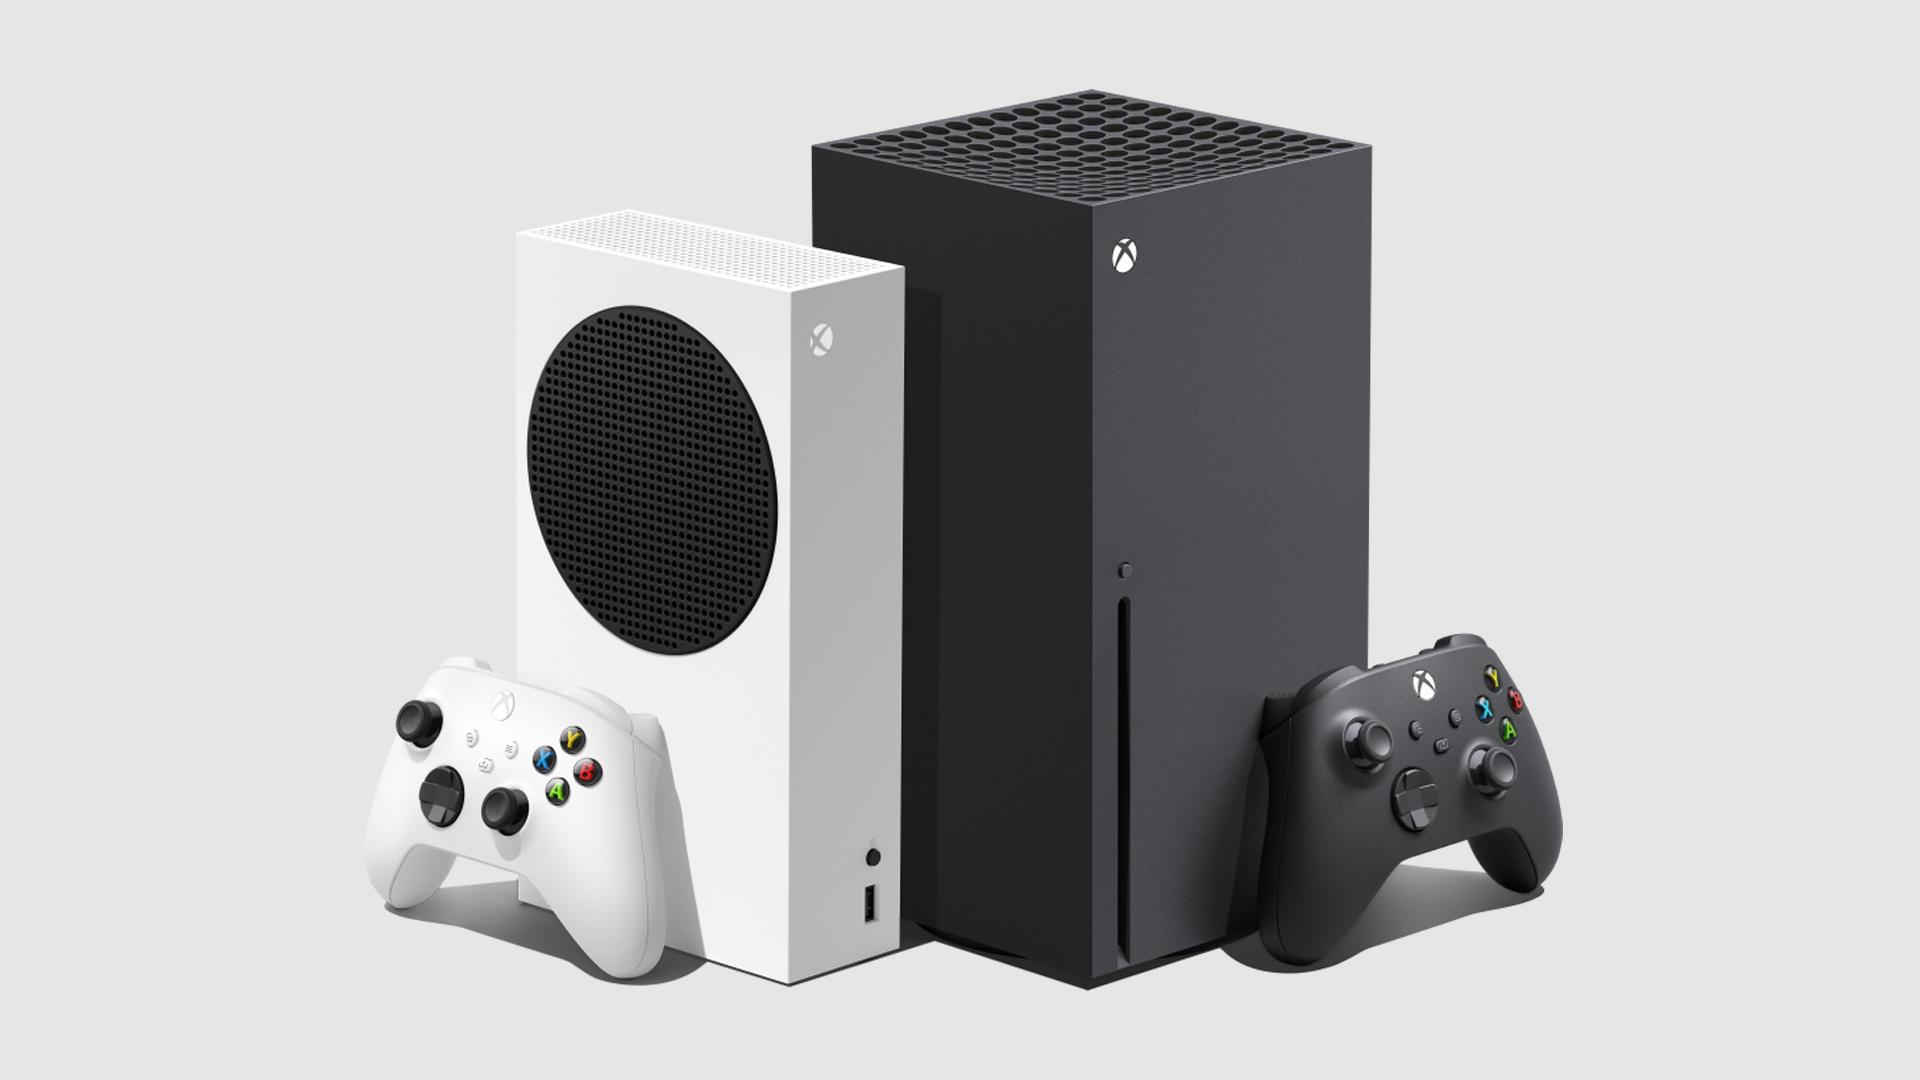 Ведущий инженер Xbox Series уточнил, что FPS Boost не смогут реализовать во всех играх